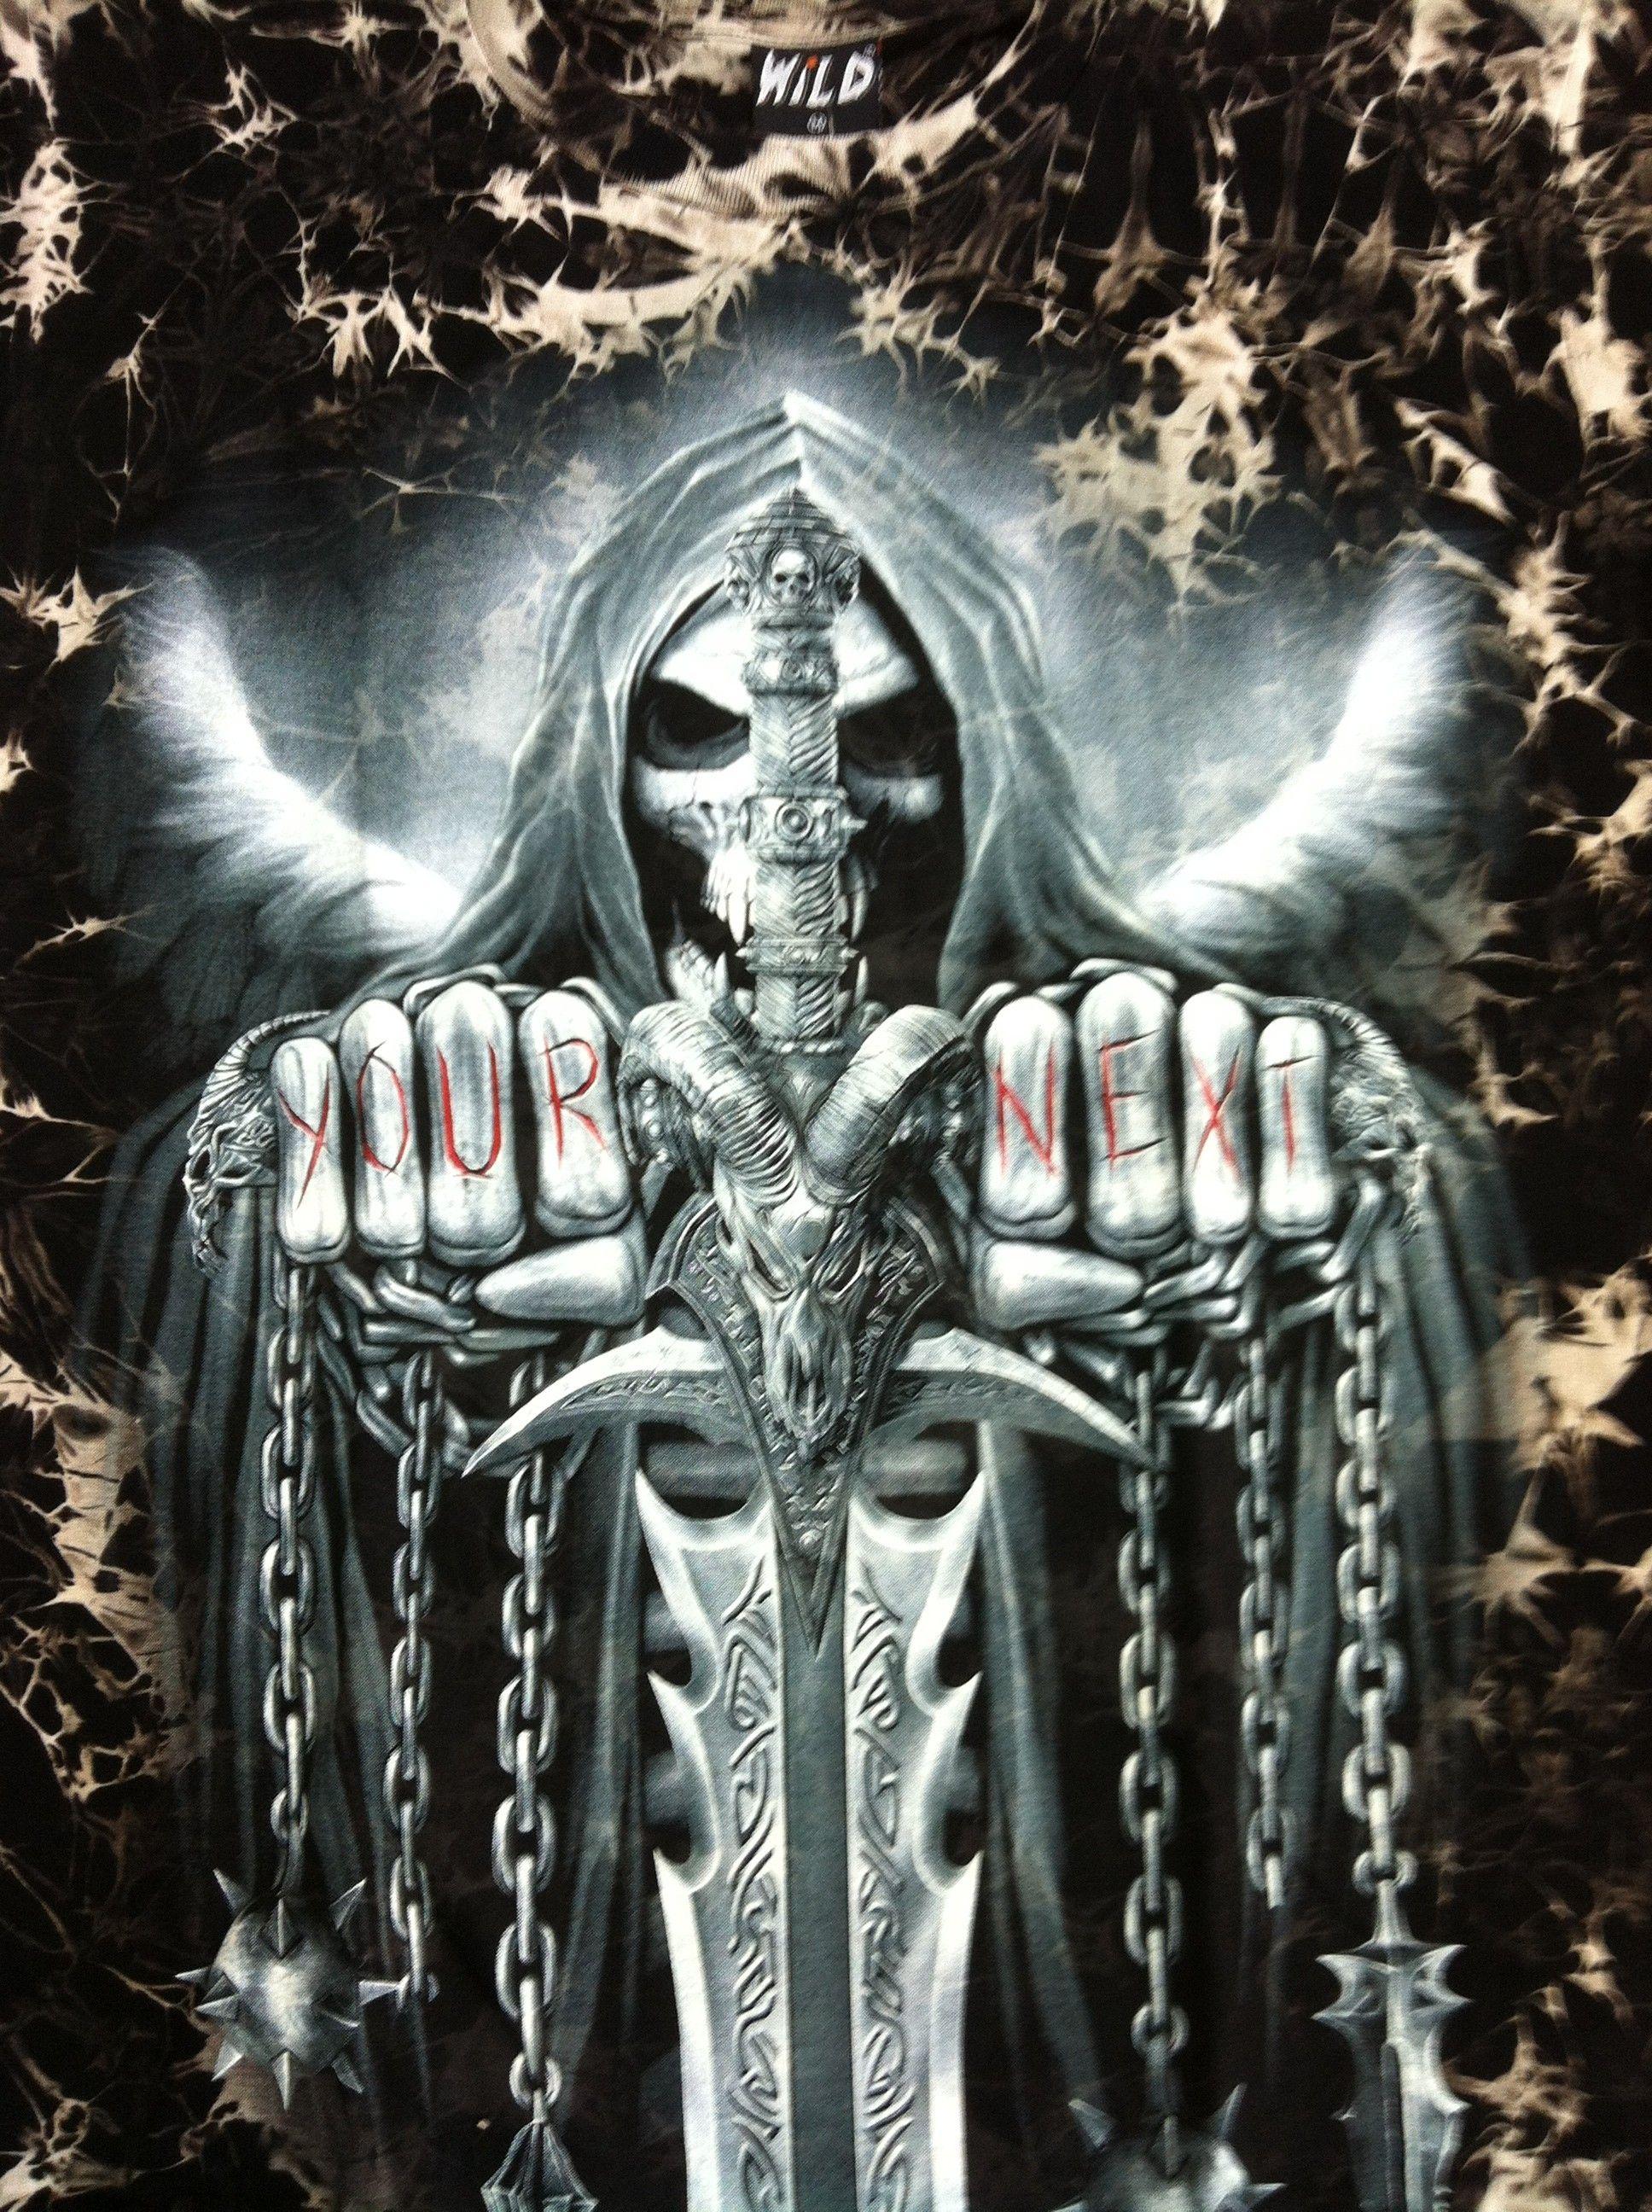 62 Badass Skull Wallpapers On Wallpaperplay Skull Wallpaper Grim Reaper Art Grim Reaper